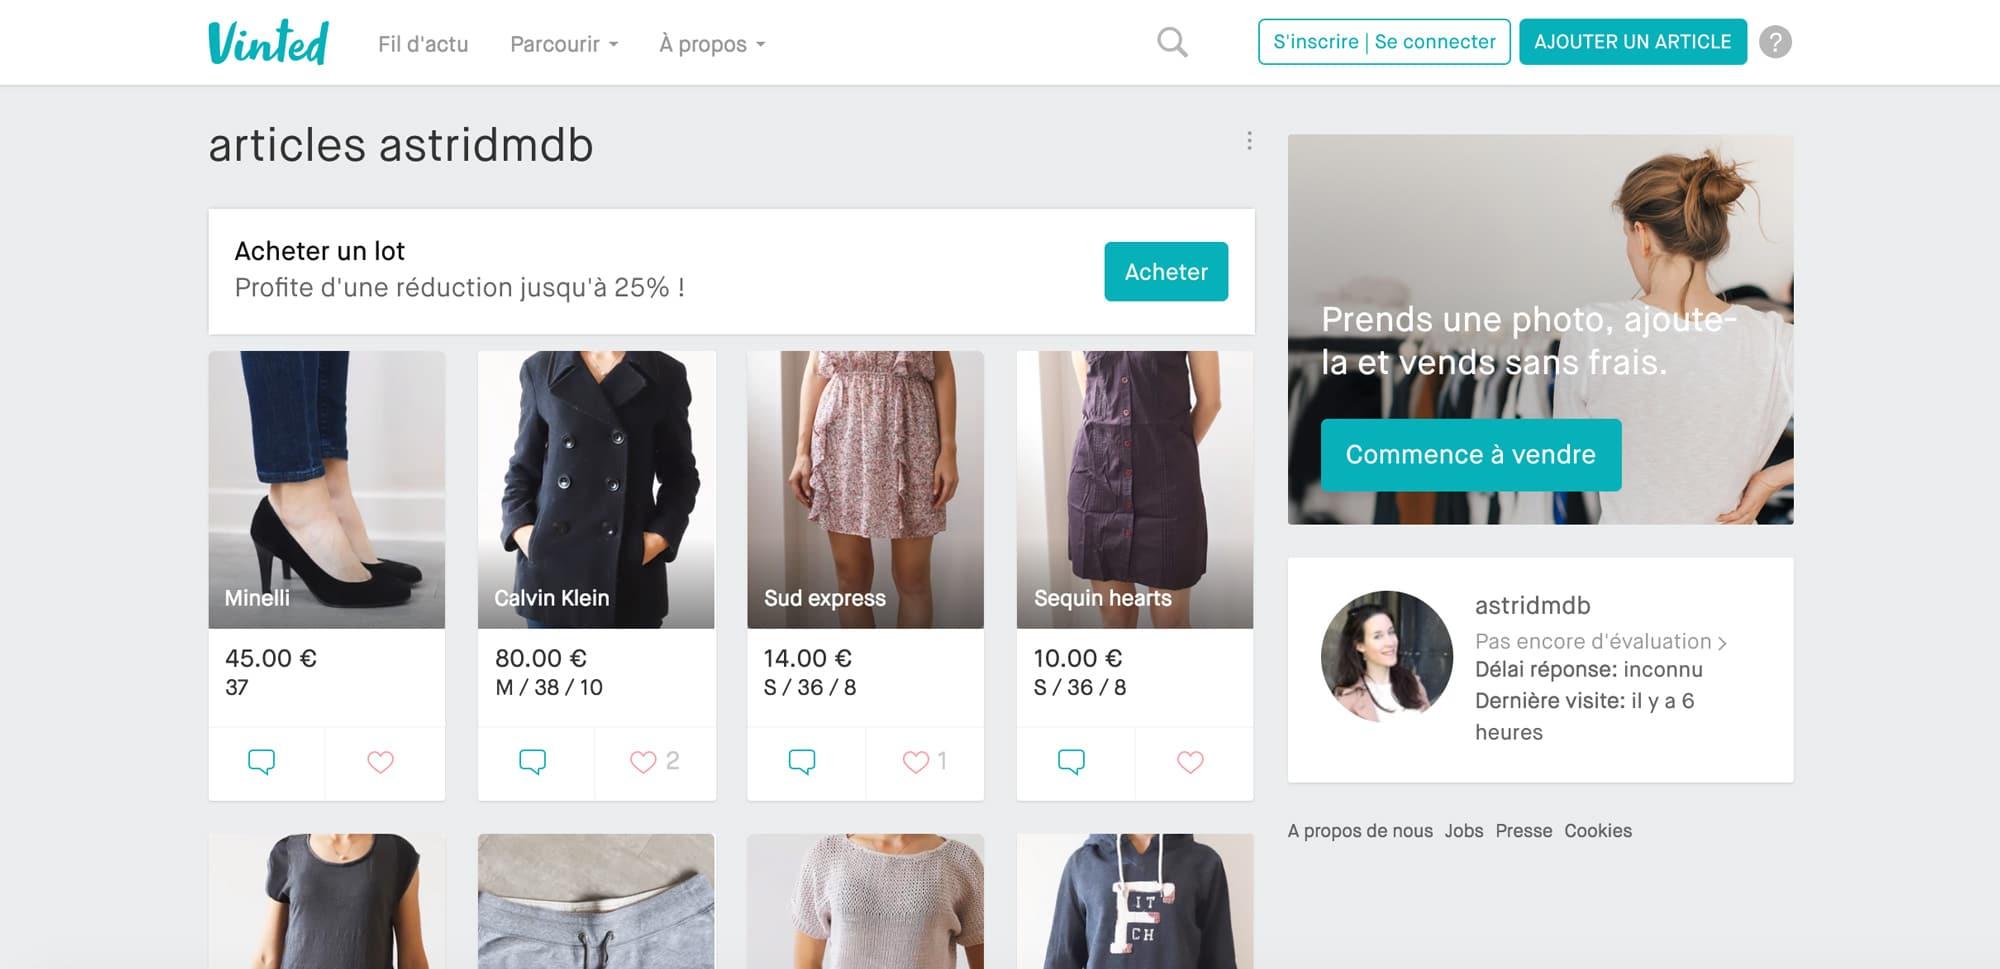 vinted : achat de vêtements d'occasion et mode éthique